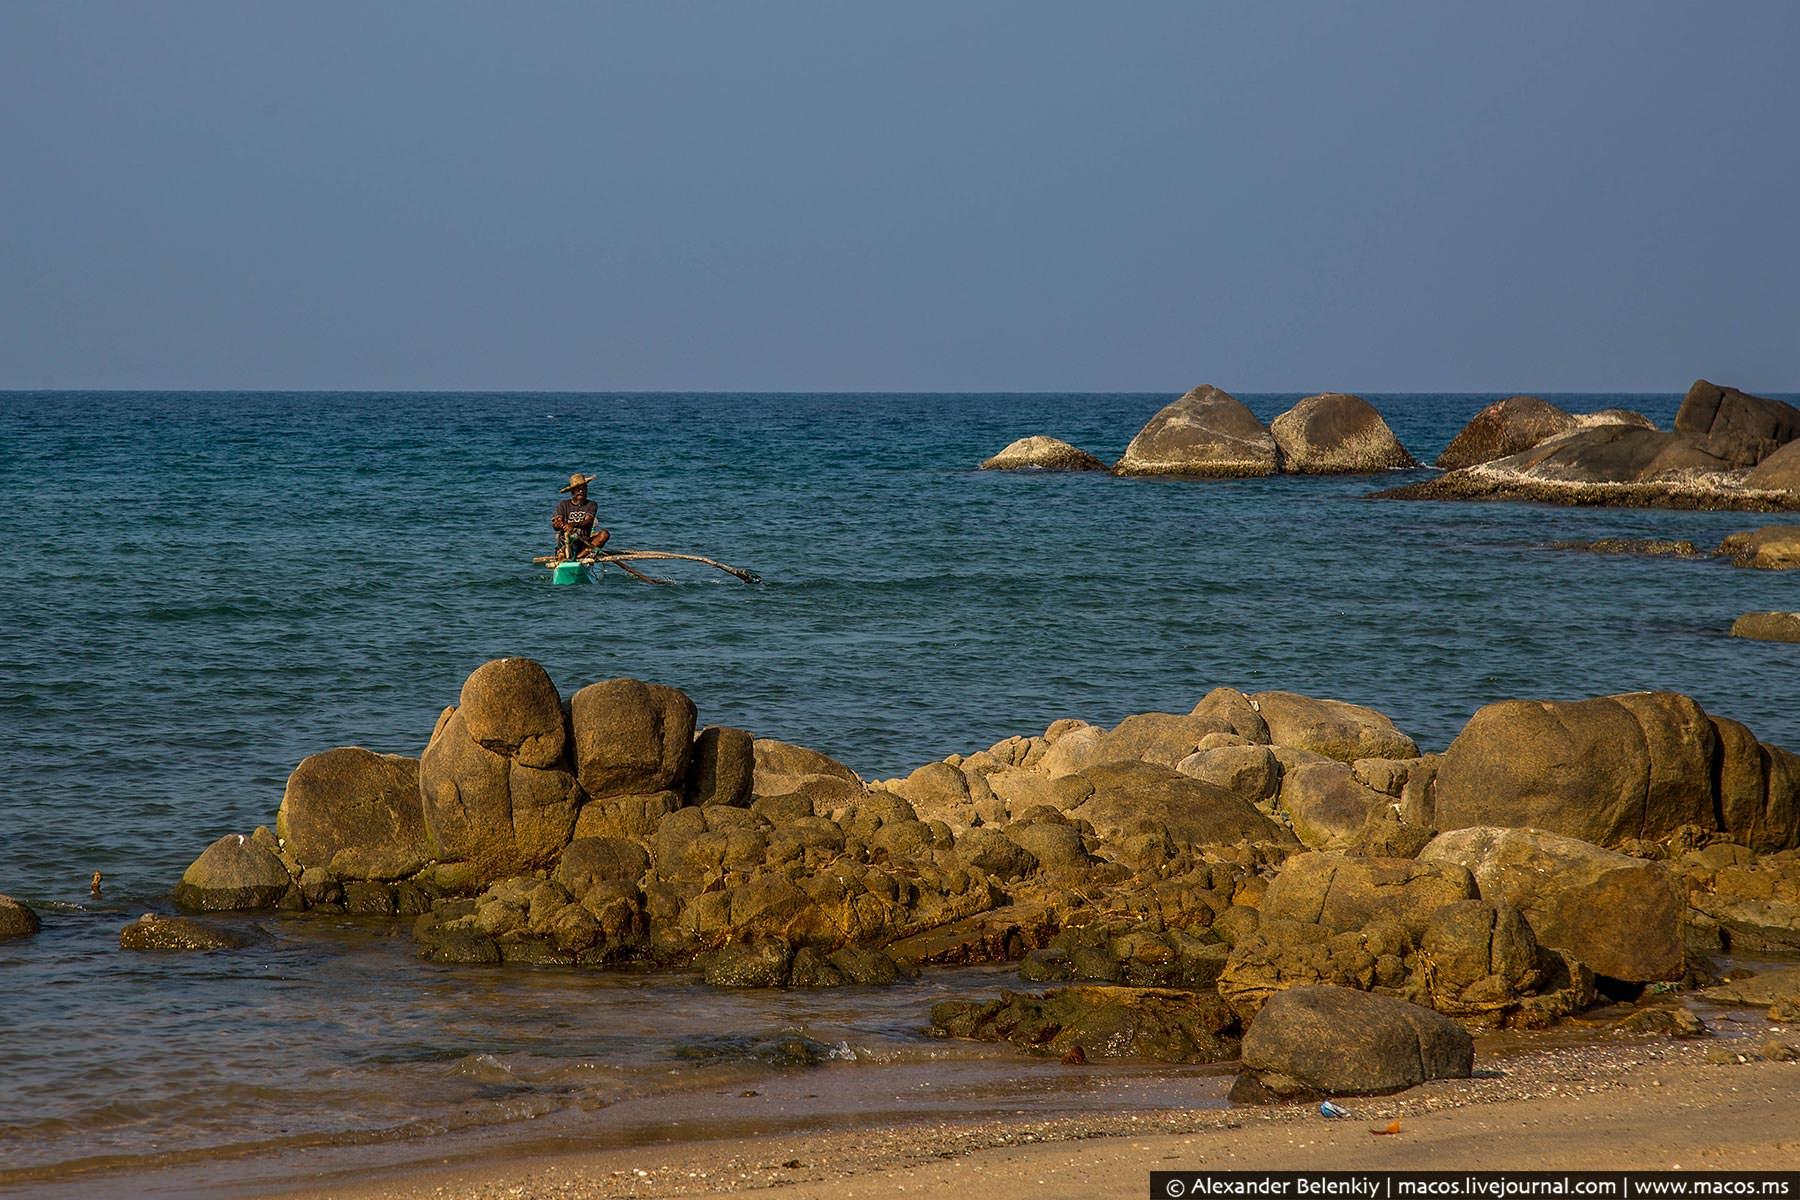 взрослая позирует на камнях на берегу моря